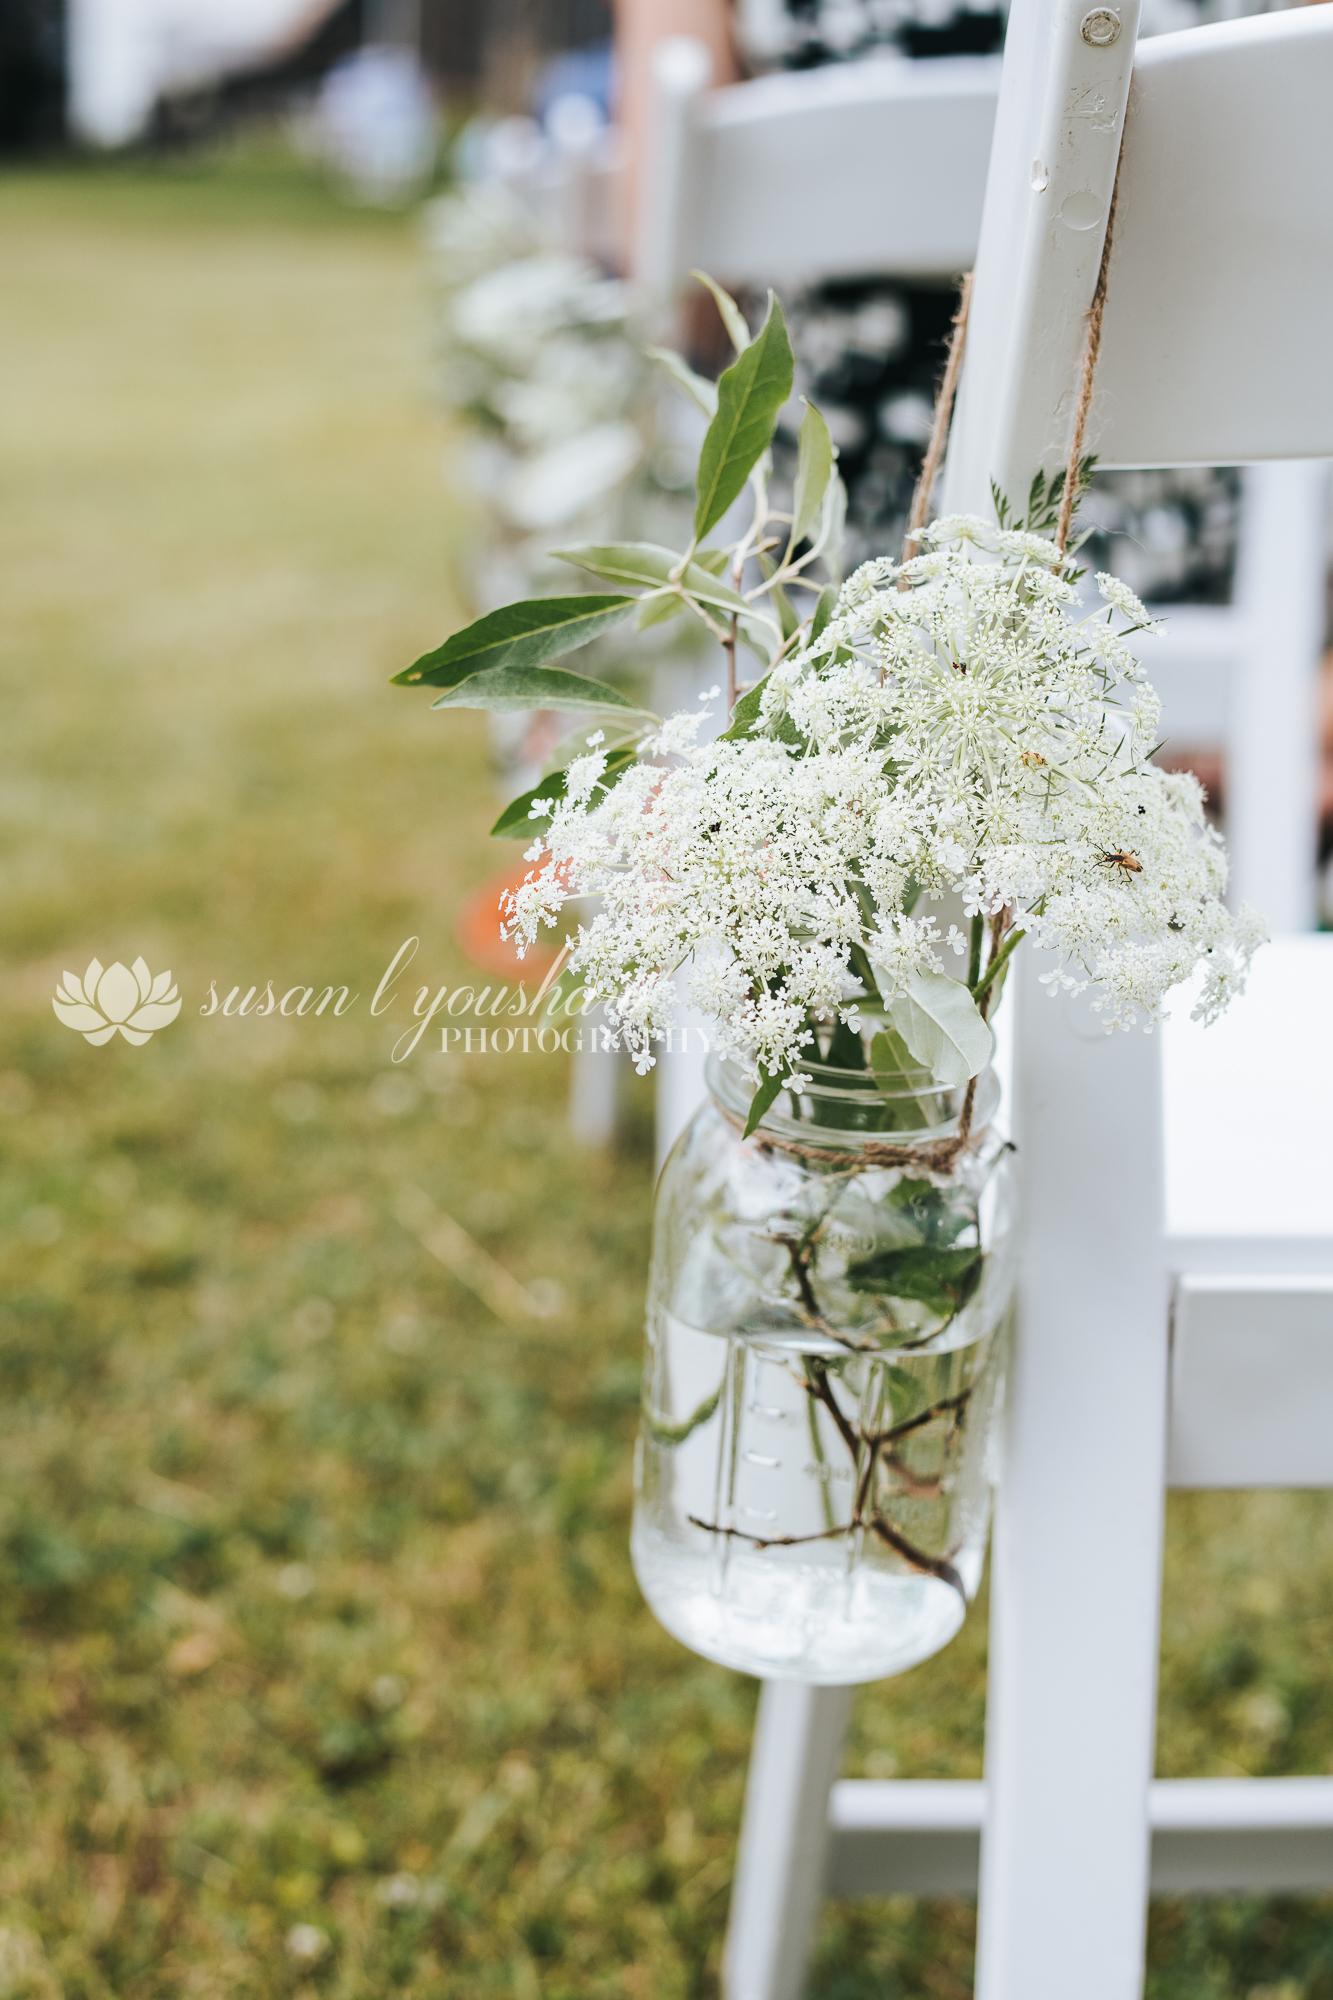 Erin and Jason Wedding Photos 07-06-2019 SLY Photography-66.jpg